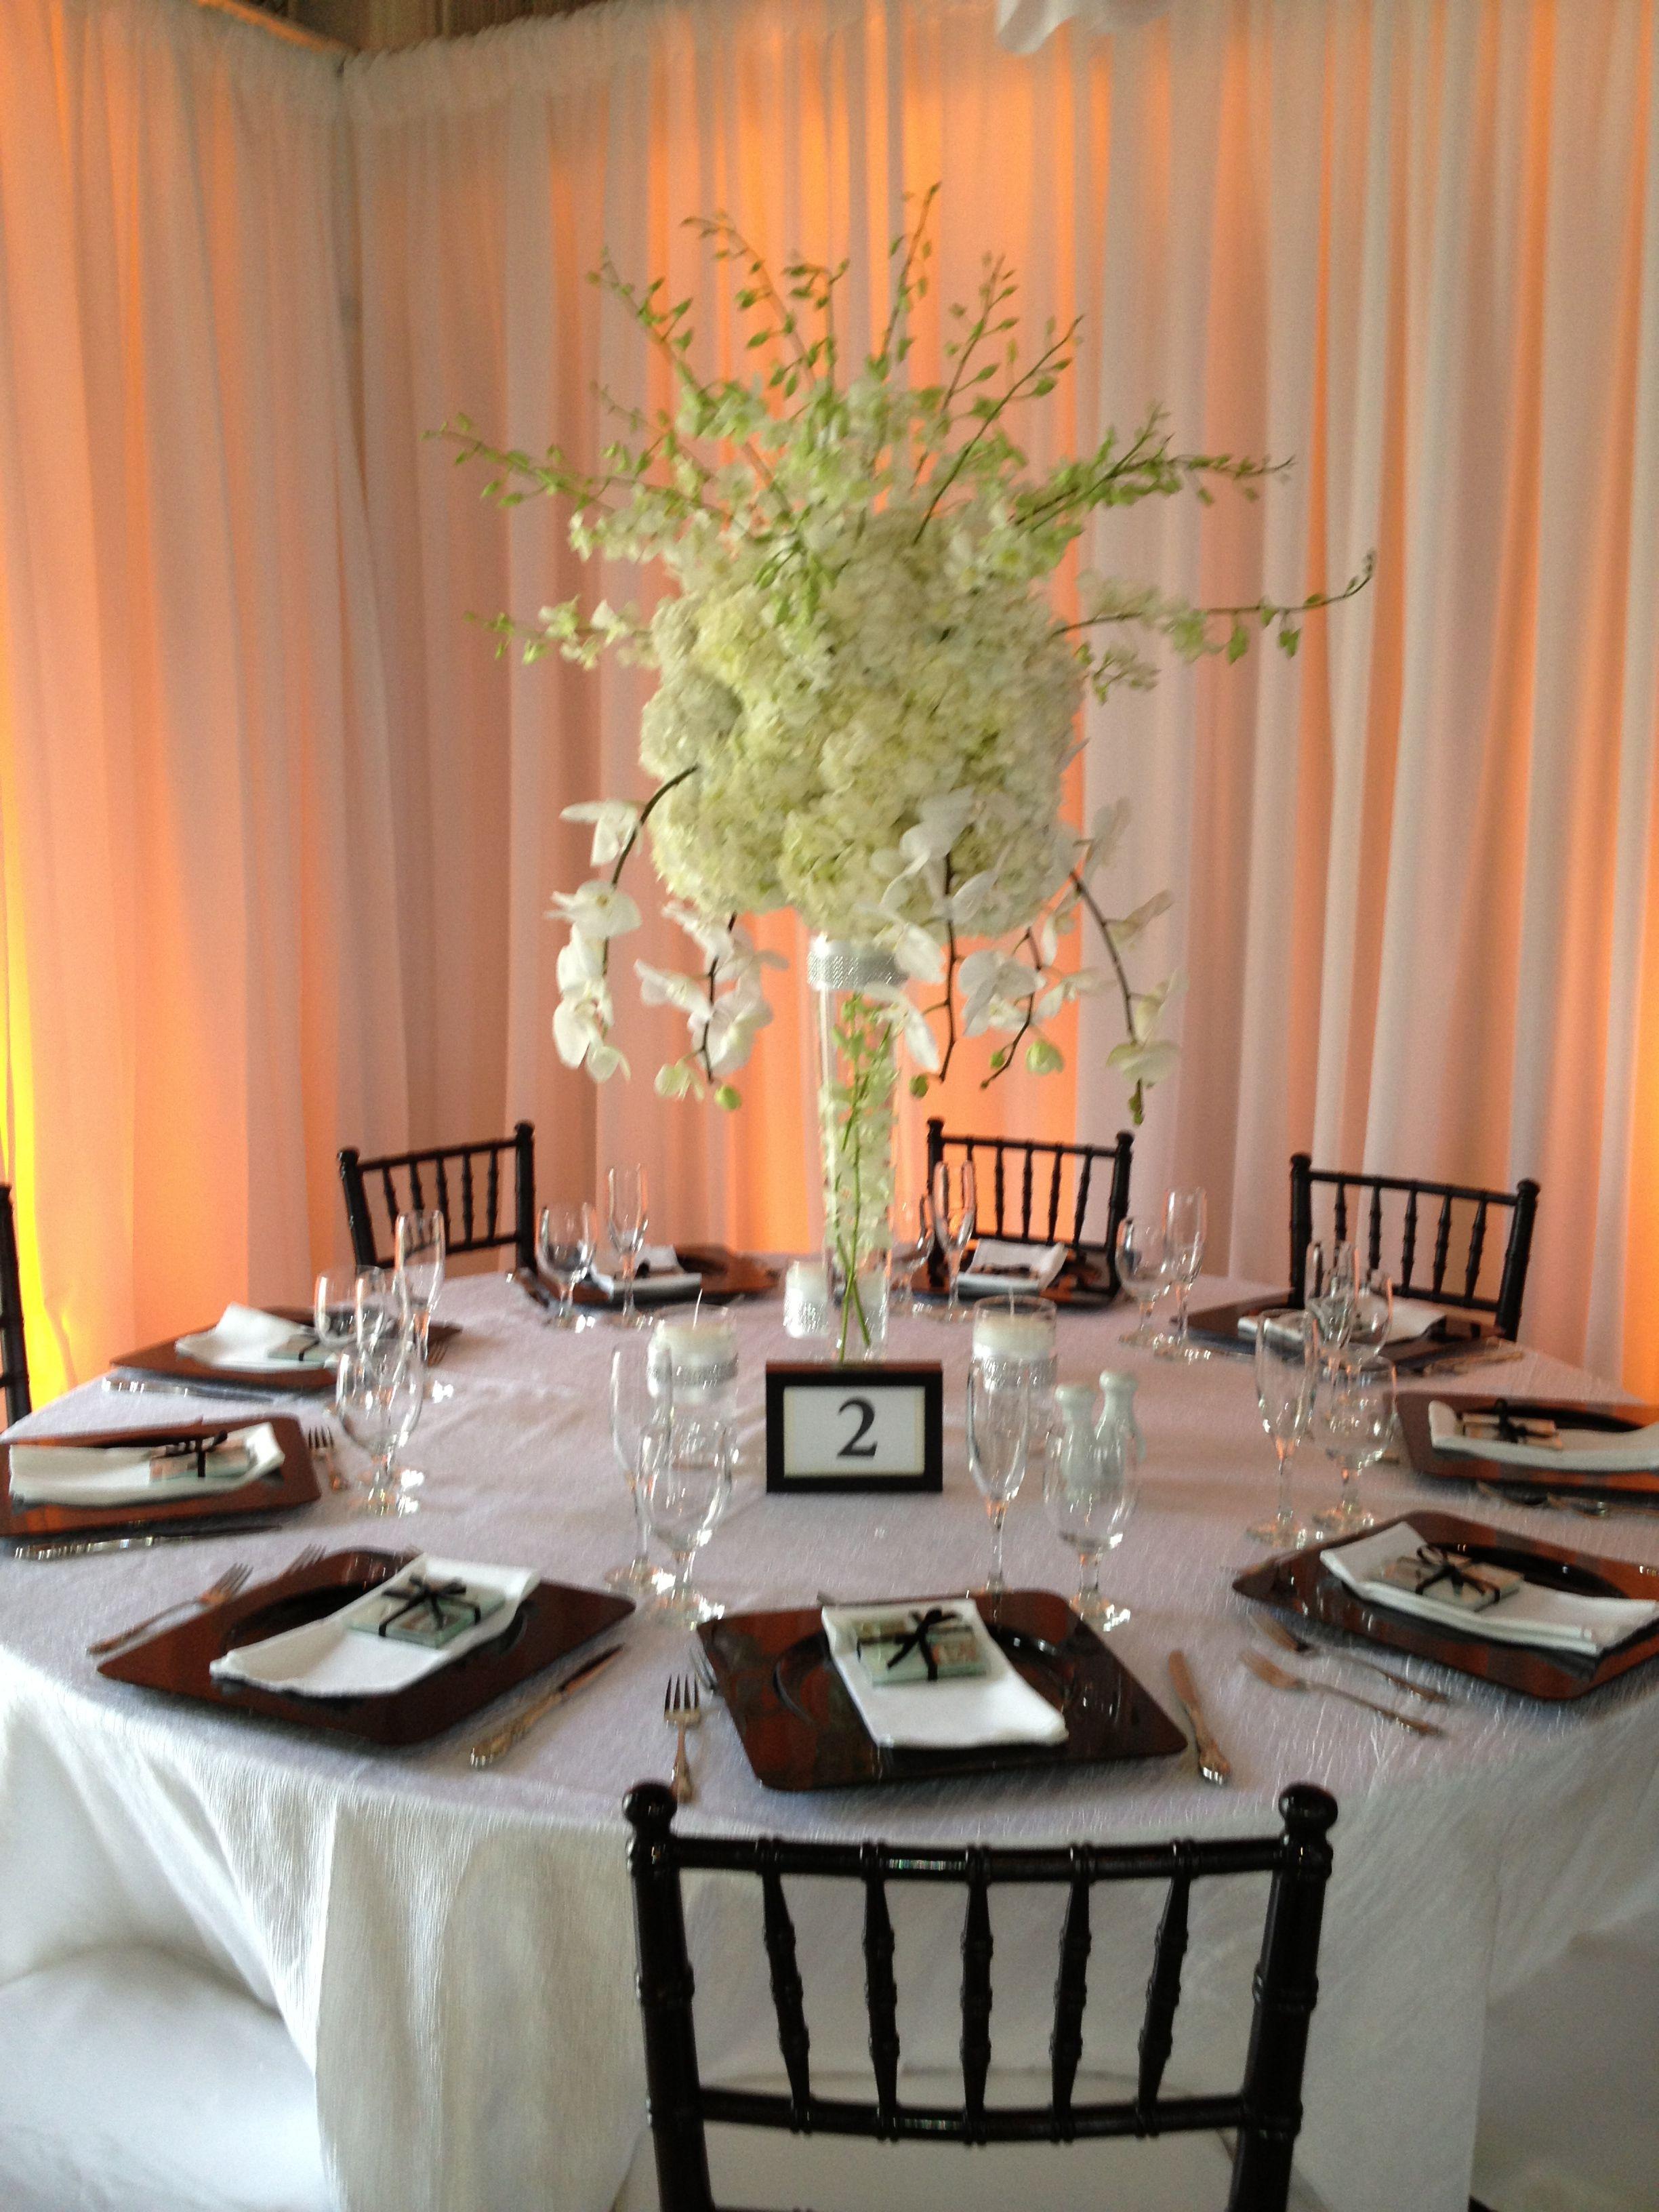 Wedding Reception Wwwatreasuredmomentbymarthacom